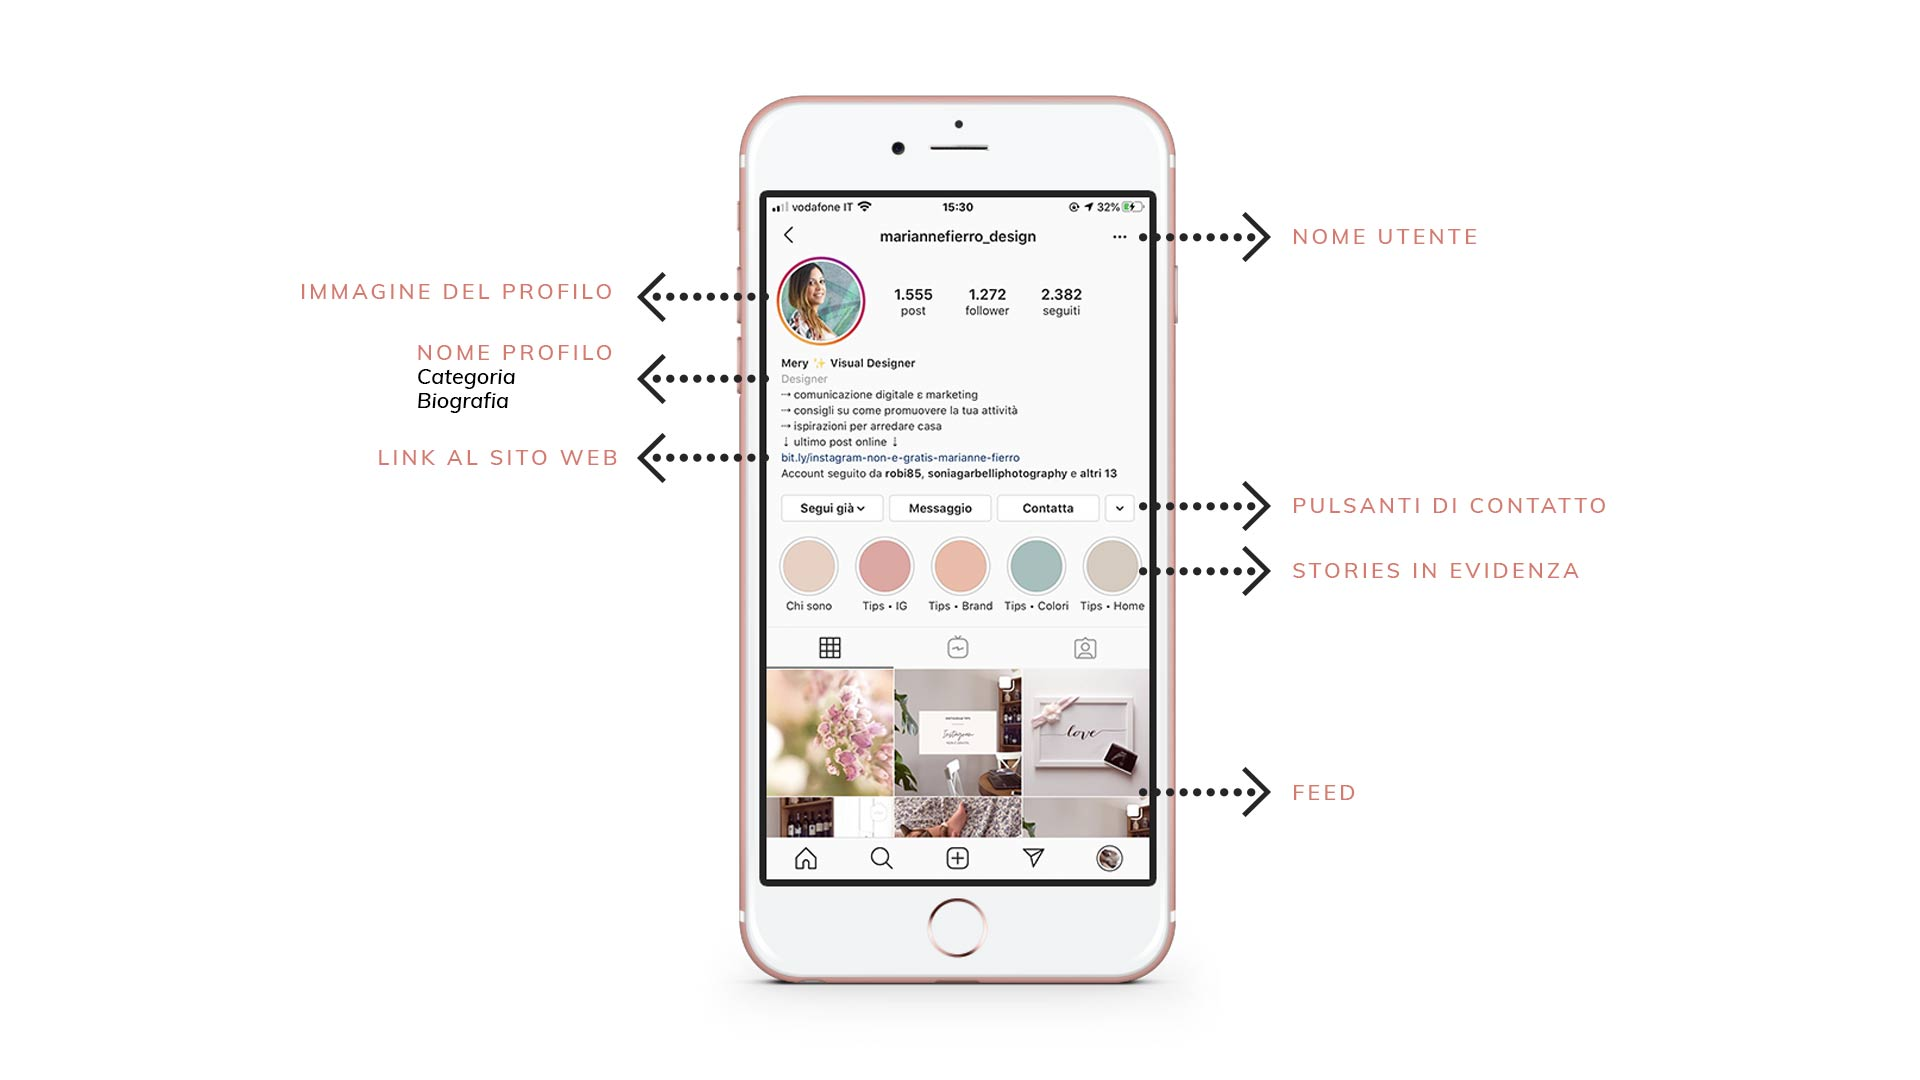 Come far crescere il mio profilo Instagram senza Bot